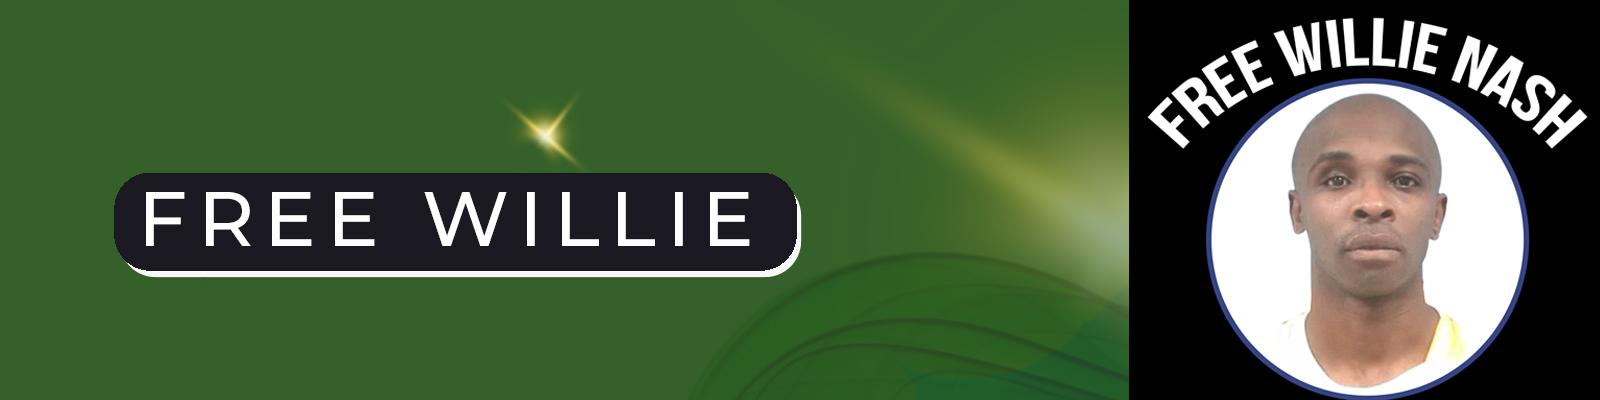 Willie banner